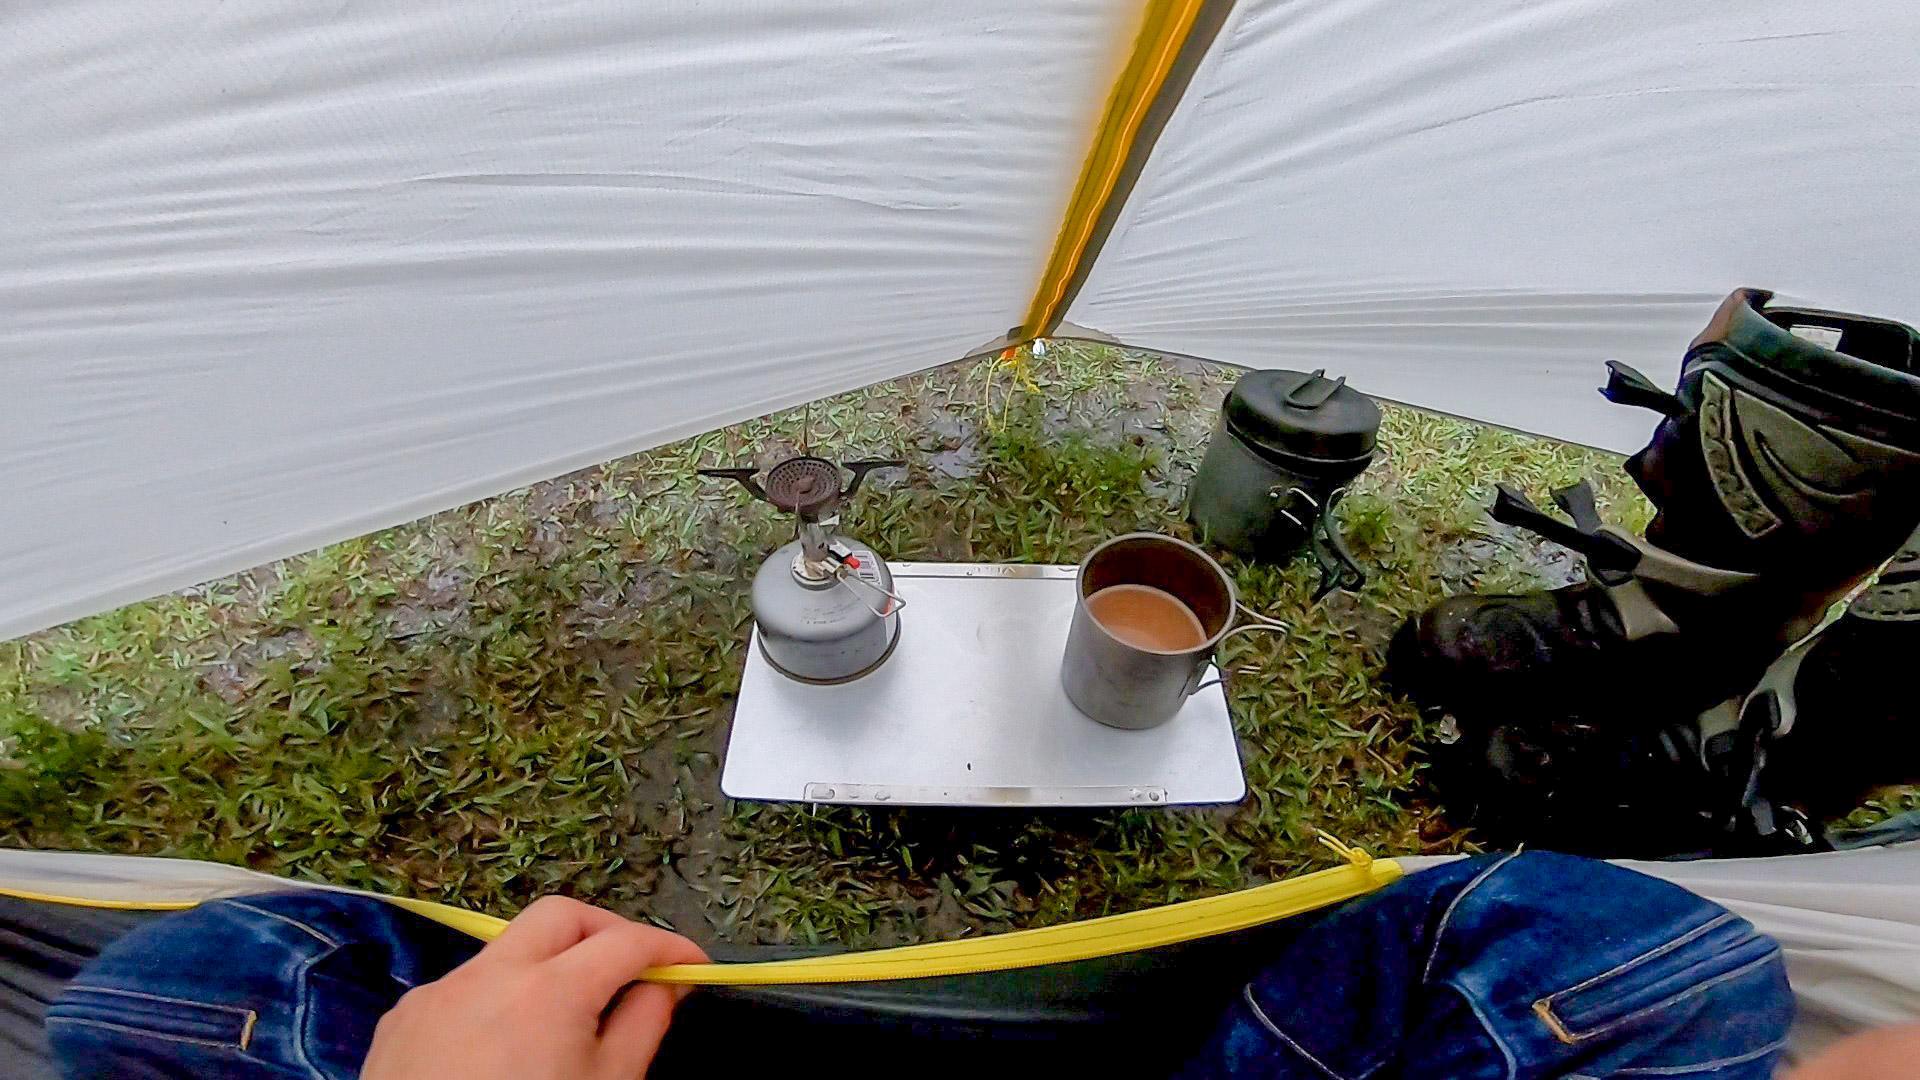 前室内でお湯を沸かすと蒸発した水分でテント内が水滴だらけになってしまう